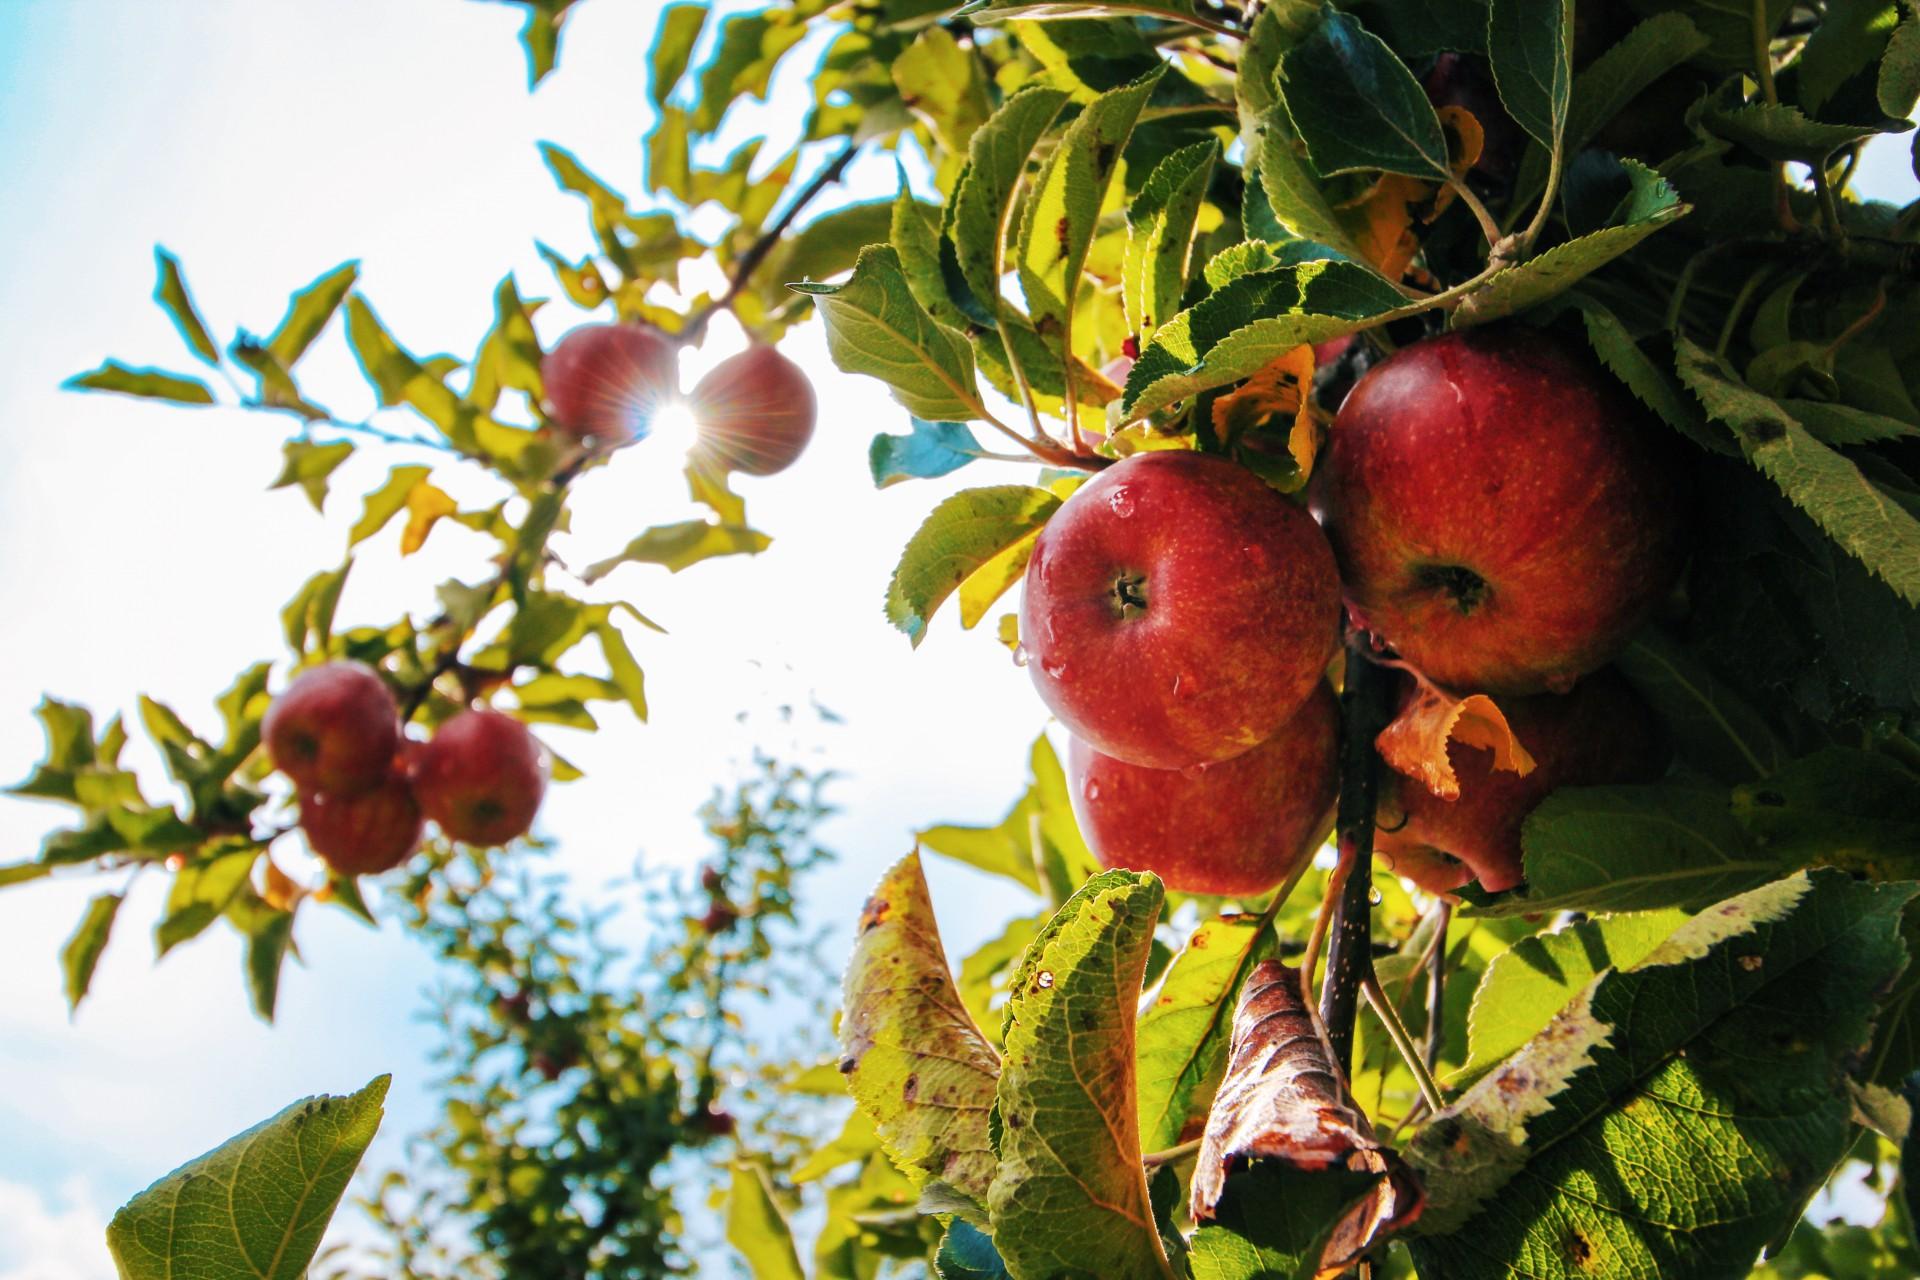 Contaminantes y pesticidas en los alimentos: ¿Cómo afectan la salud?